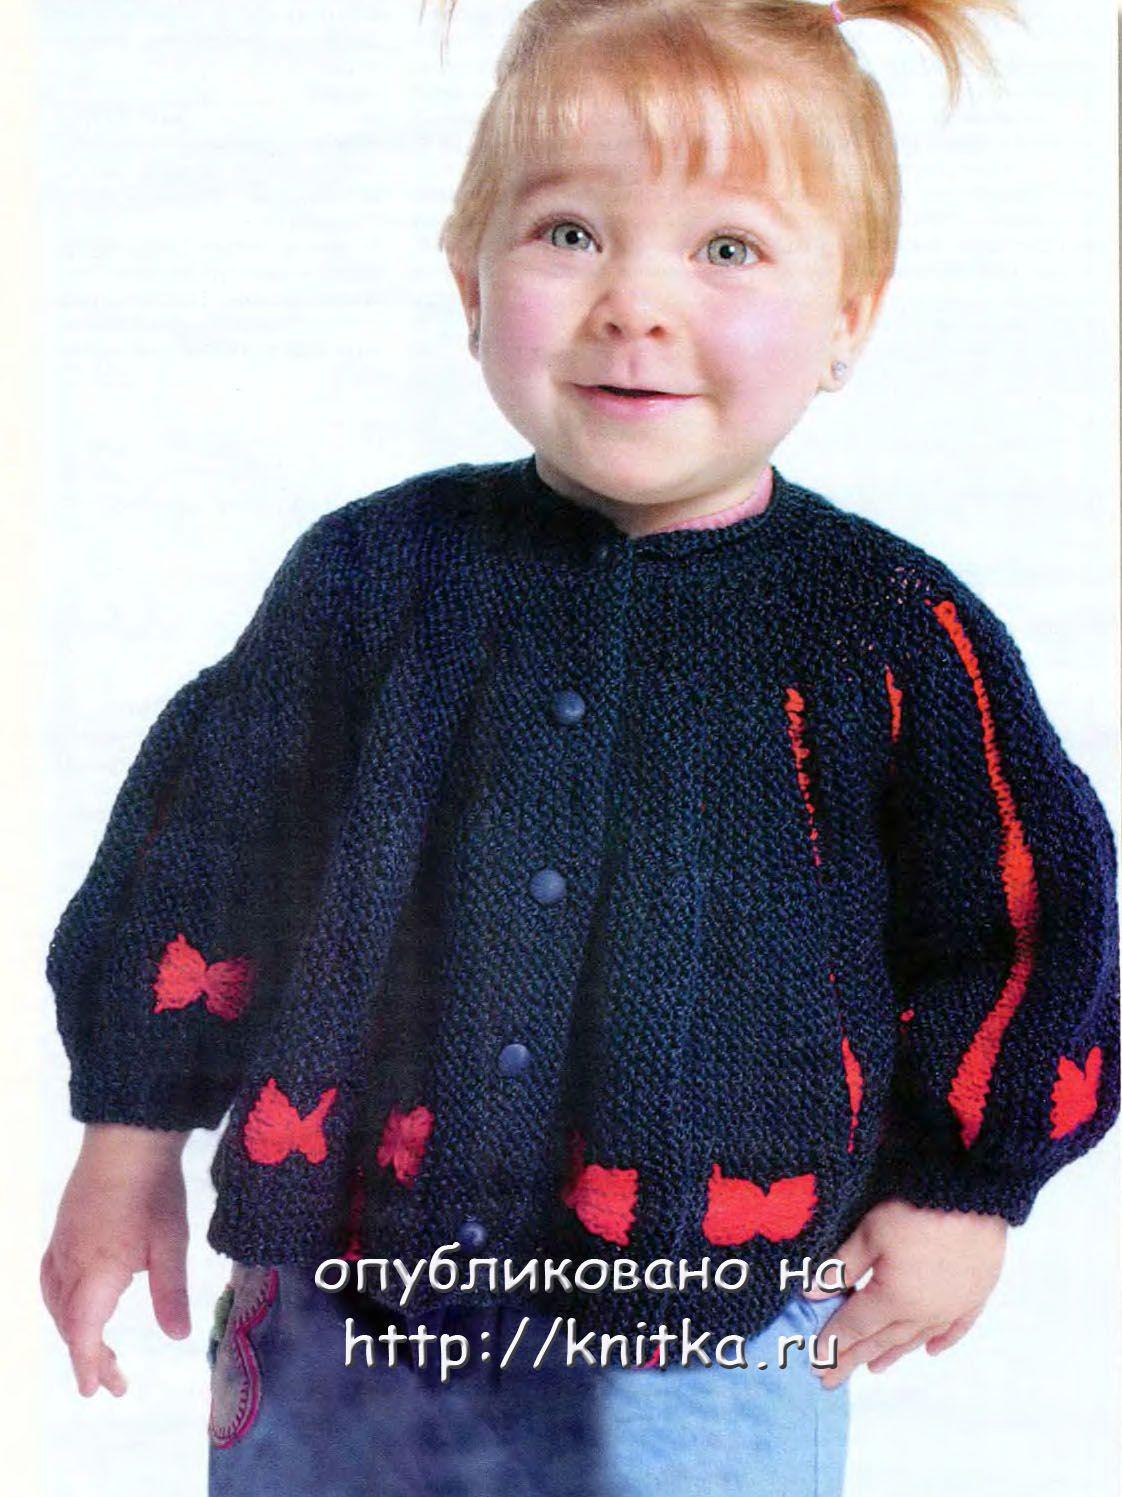 Для вязания кофточки вам потребуется: 250г пряжи (100% акрил) темно-синего цвета, 80 г пряжи красного цвета и 5...